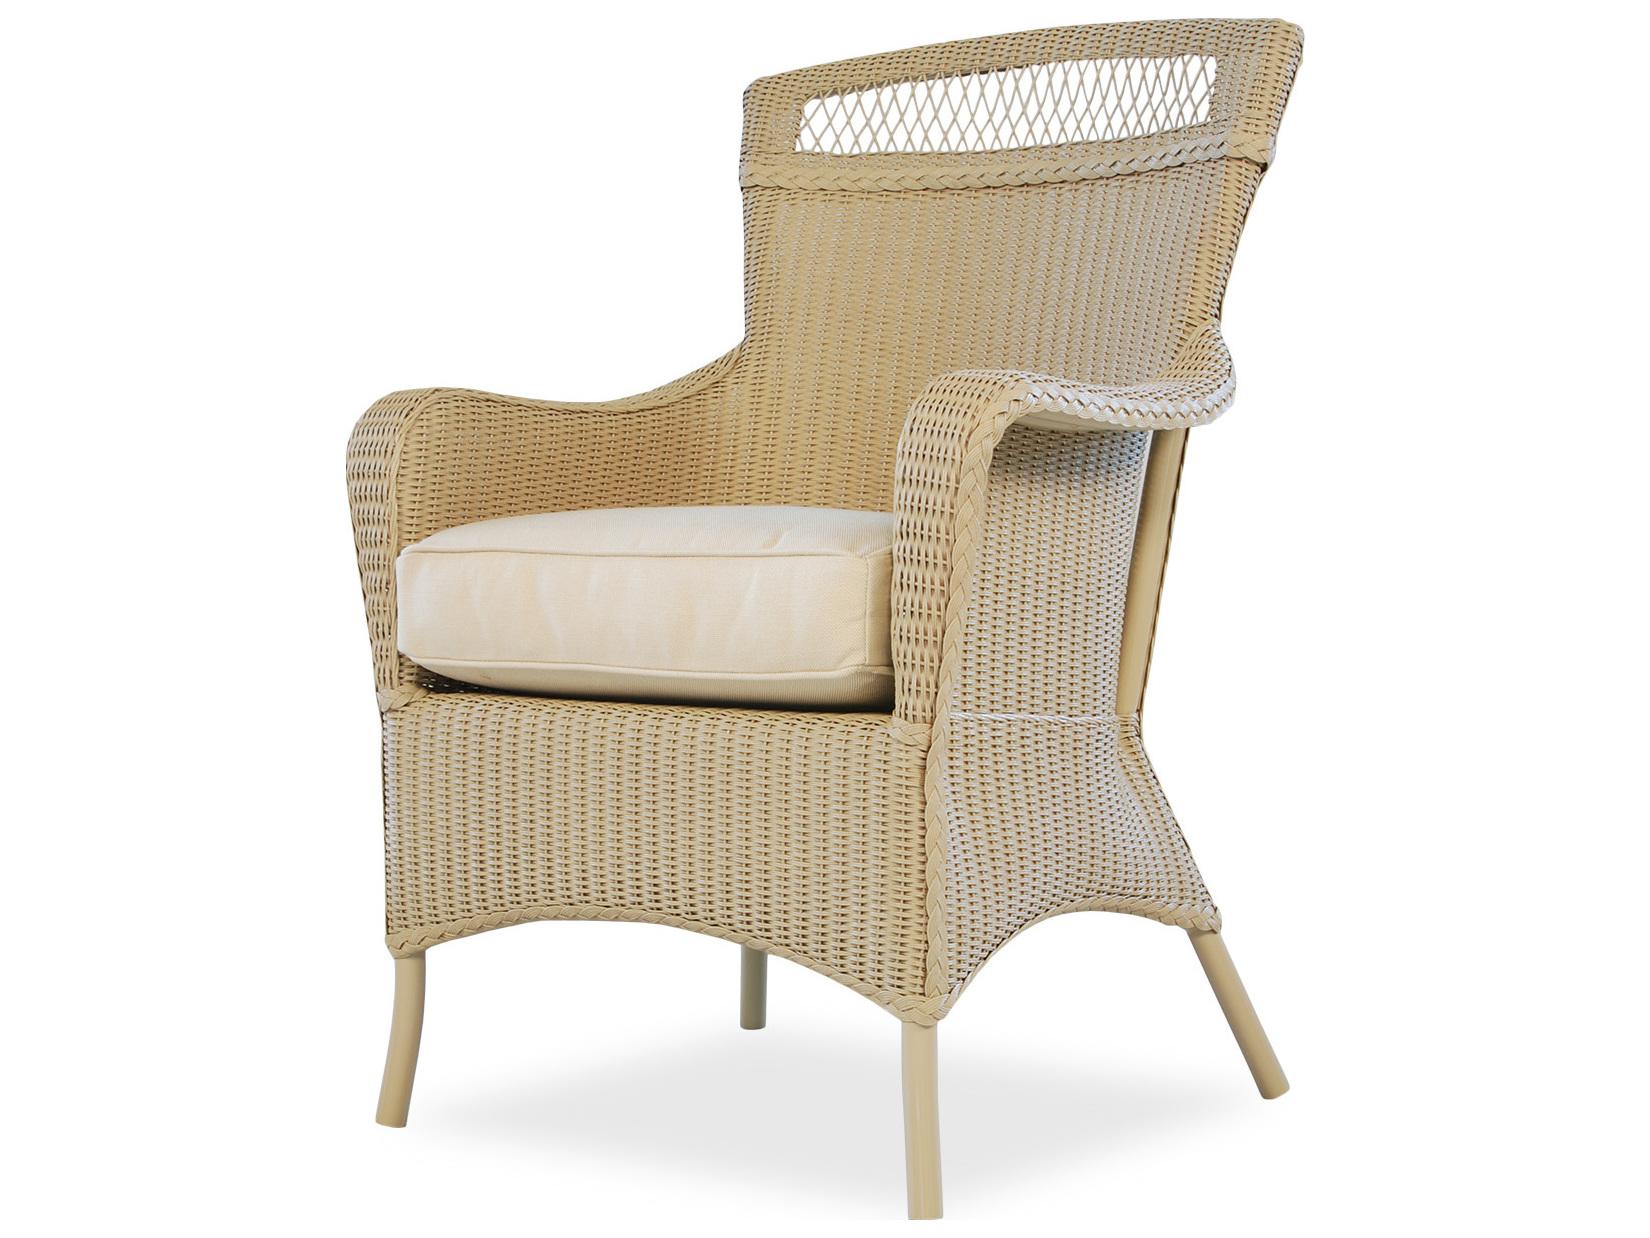 Lloyd Flanders Wicker Cushion Arm Dining Chair | 66001